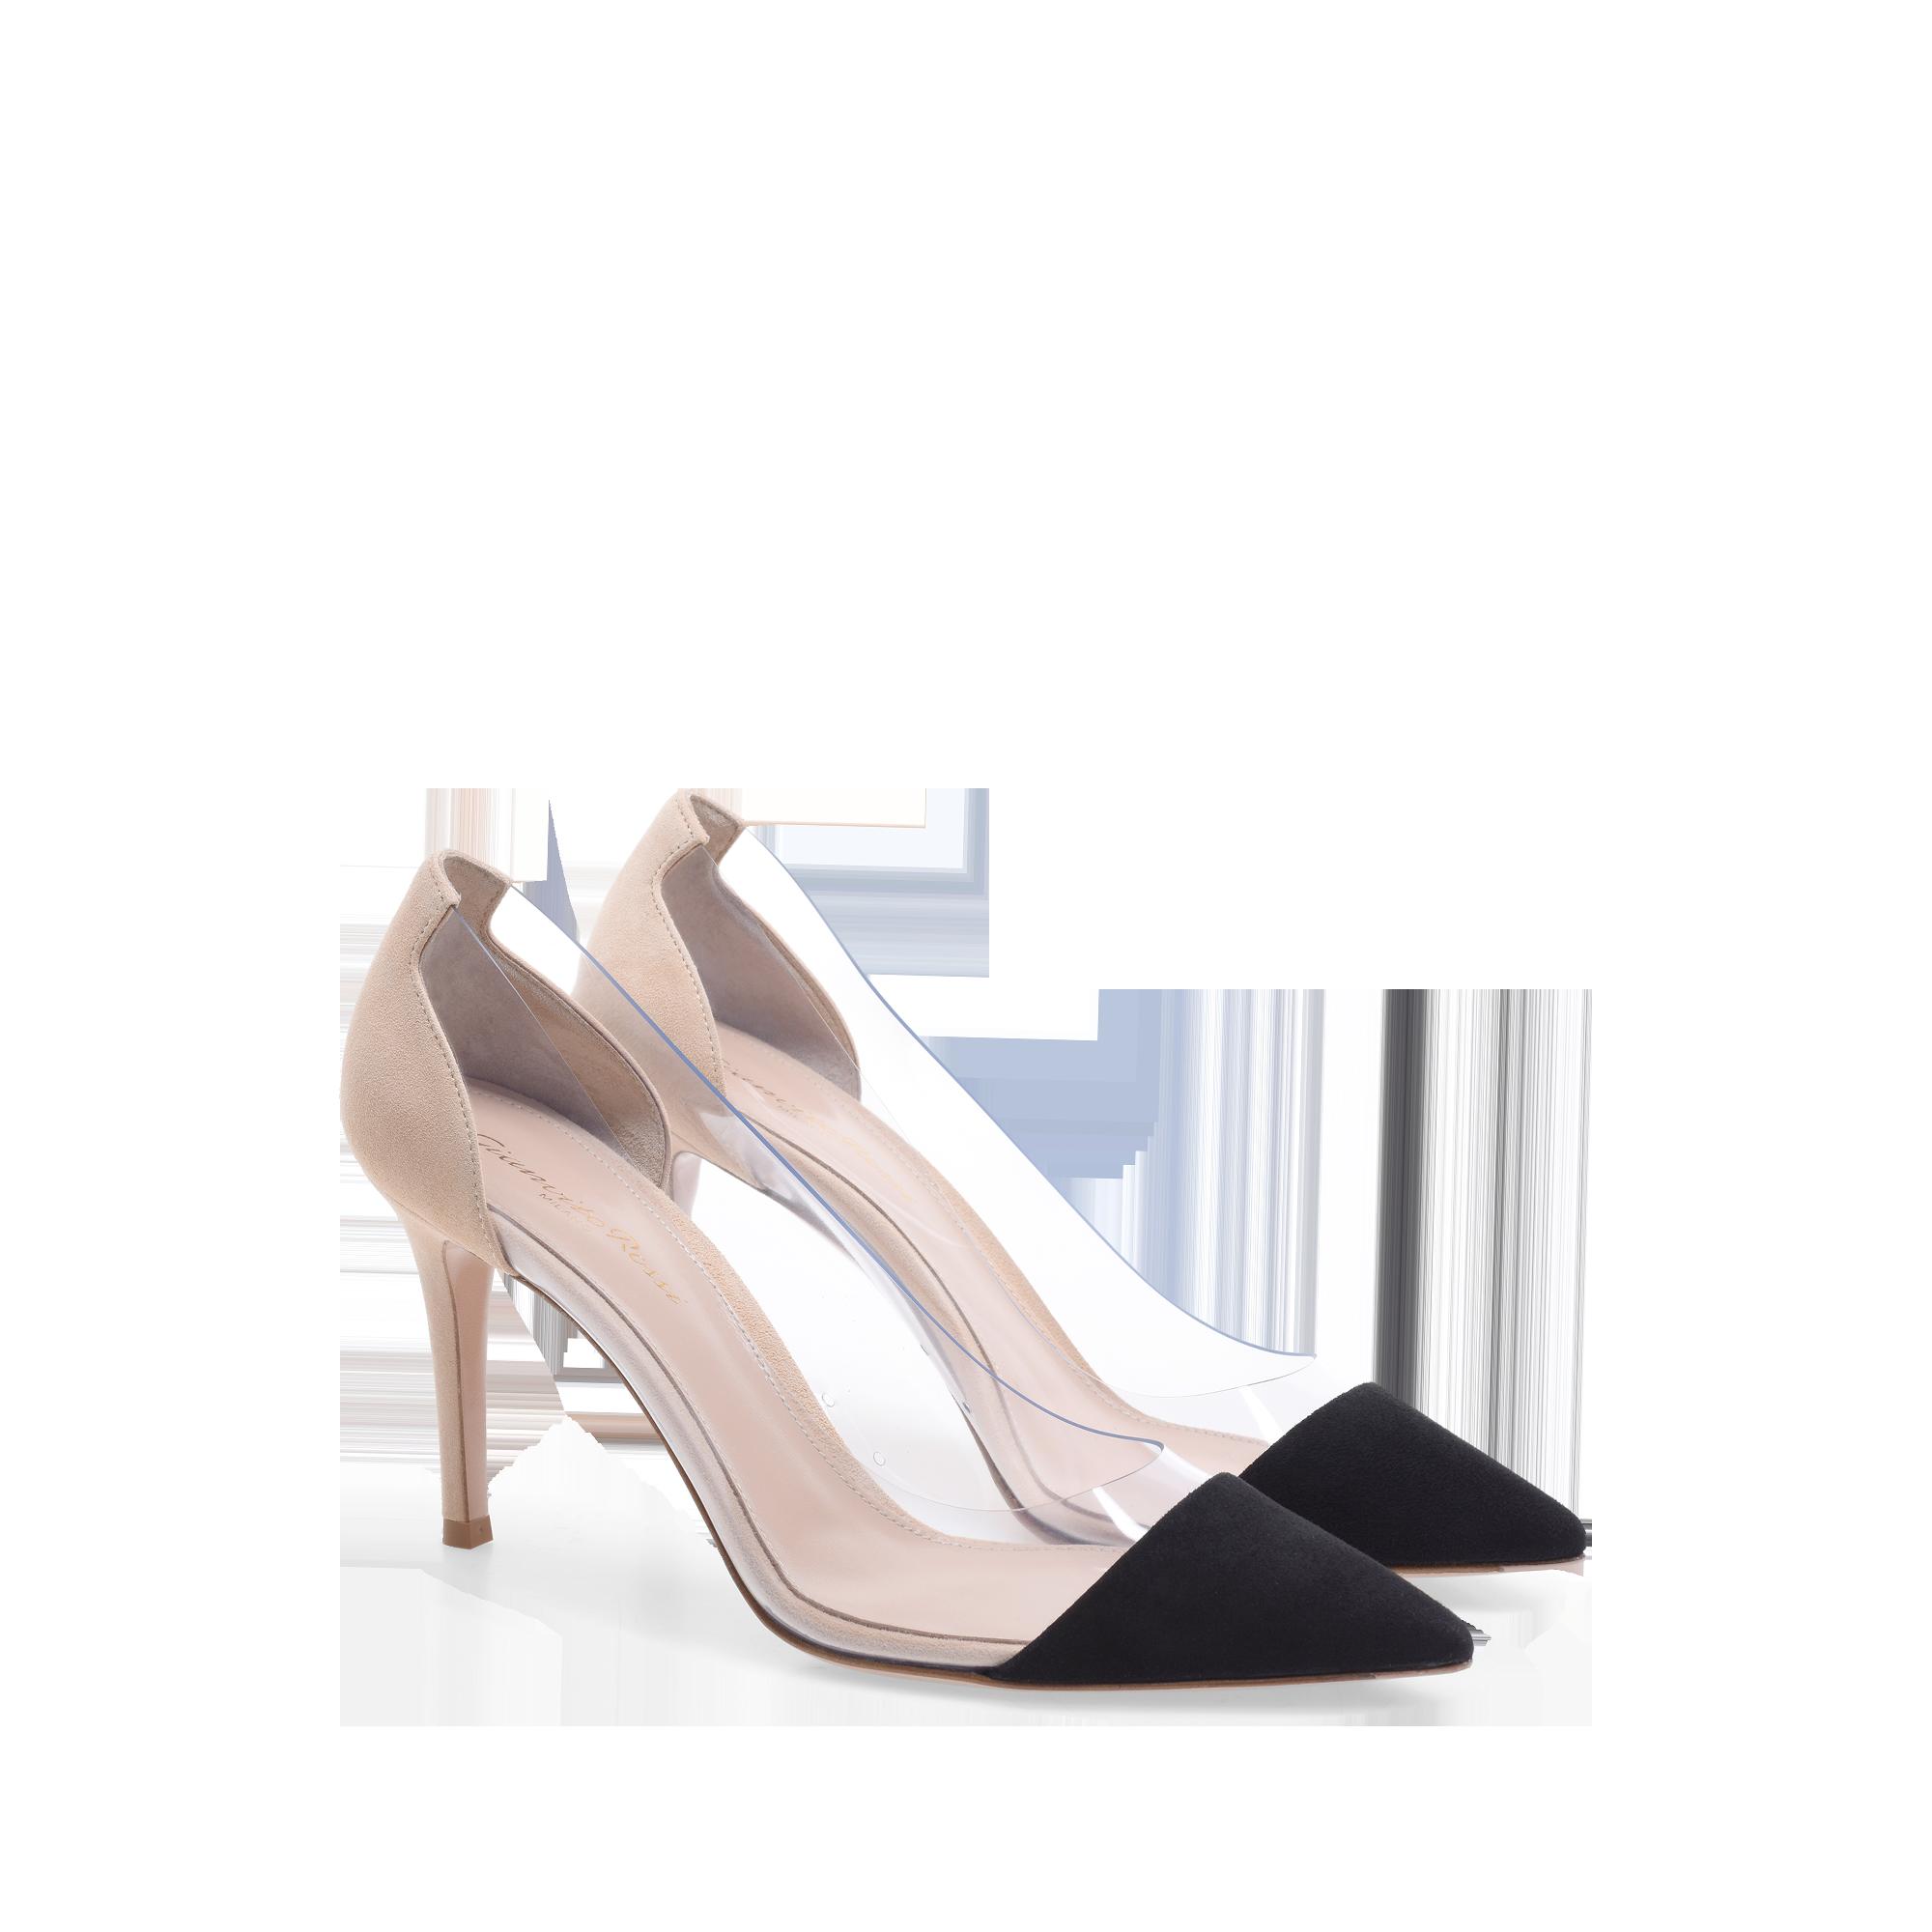 PNG Dance Shoes Transparent Dance Shoes.PNG Images. | PlusPNG